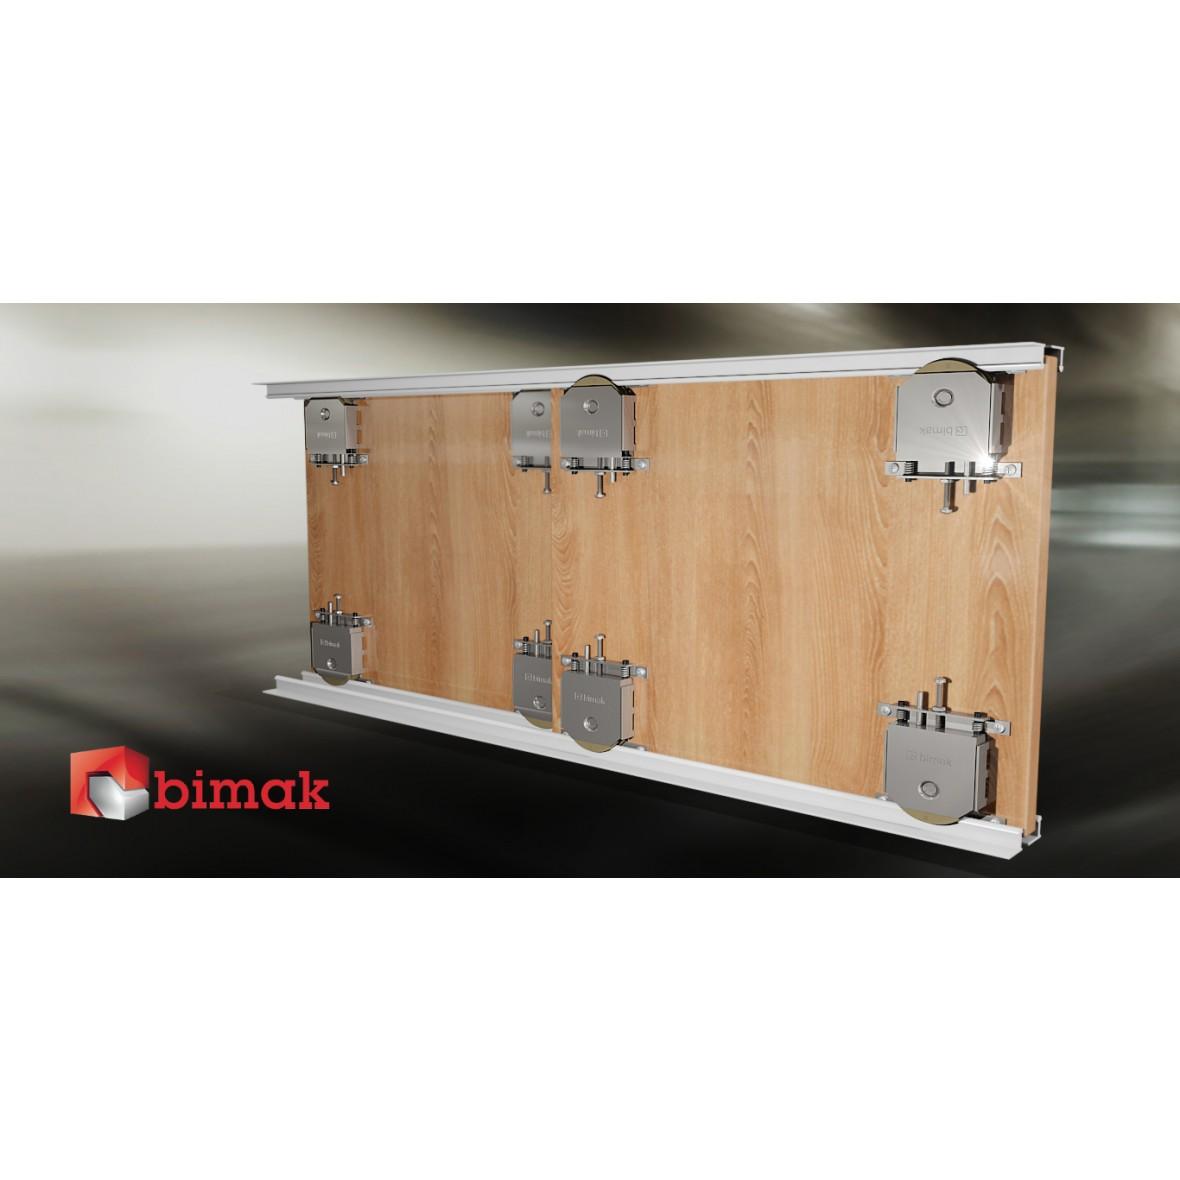 Bimak Mini Pro Sliding Door Kit Colour Silver 2 Doors 2m Tracks